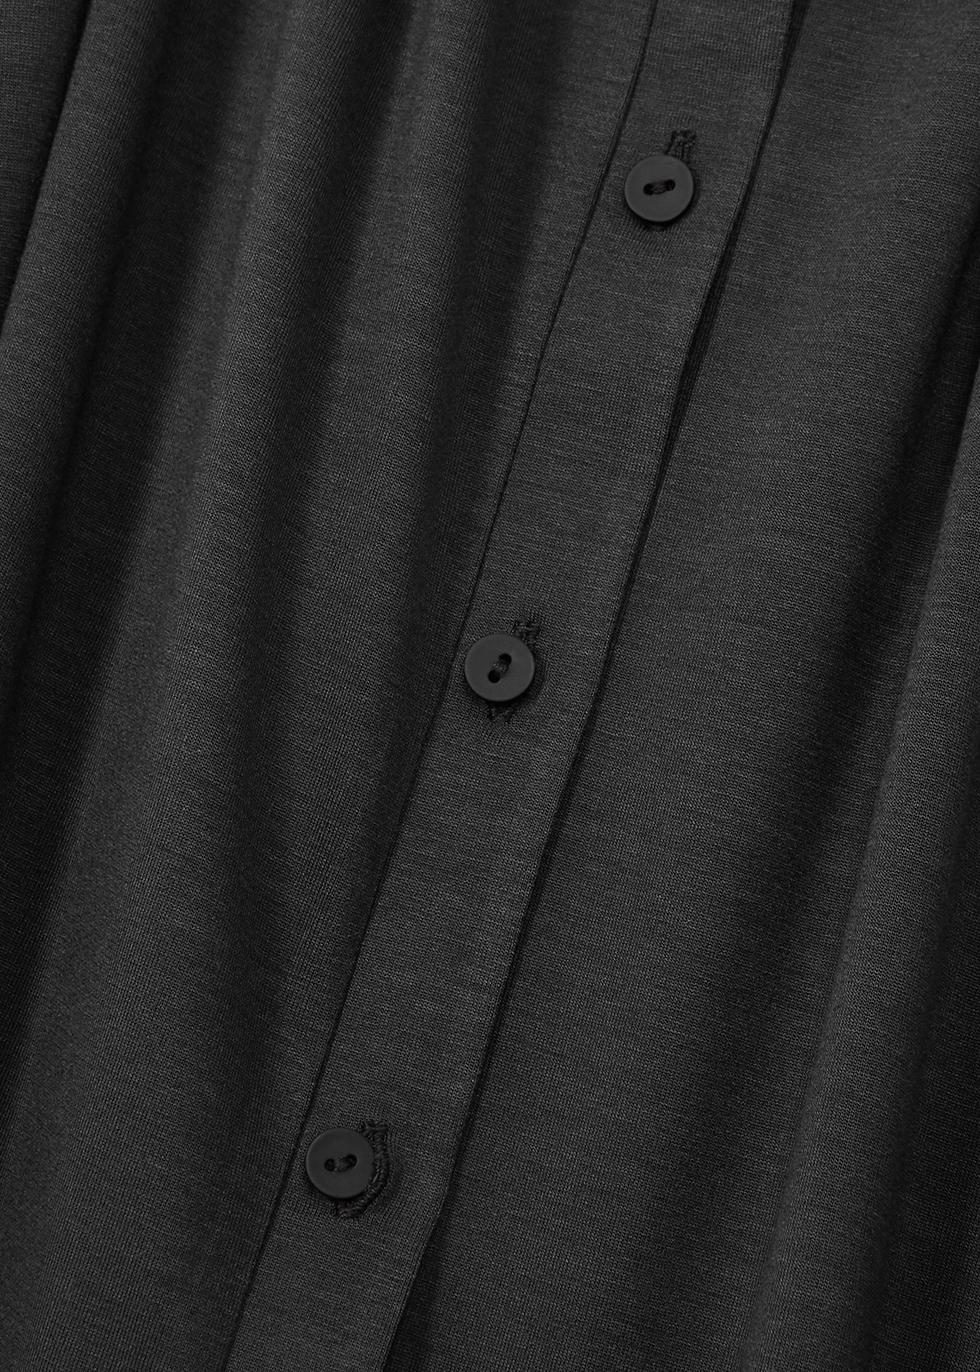 Dark grey jersey cardigan - EILEEN FISHER